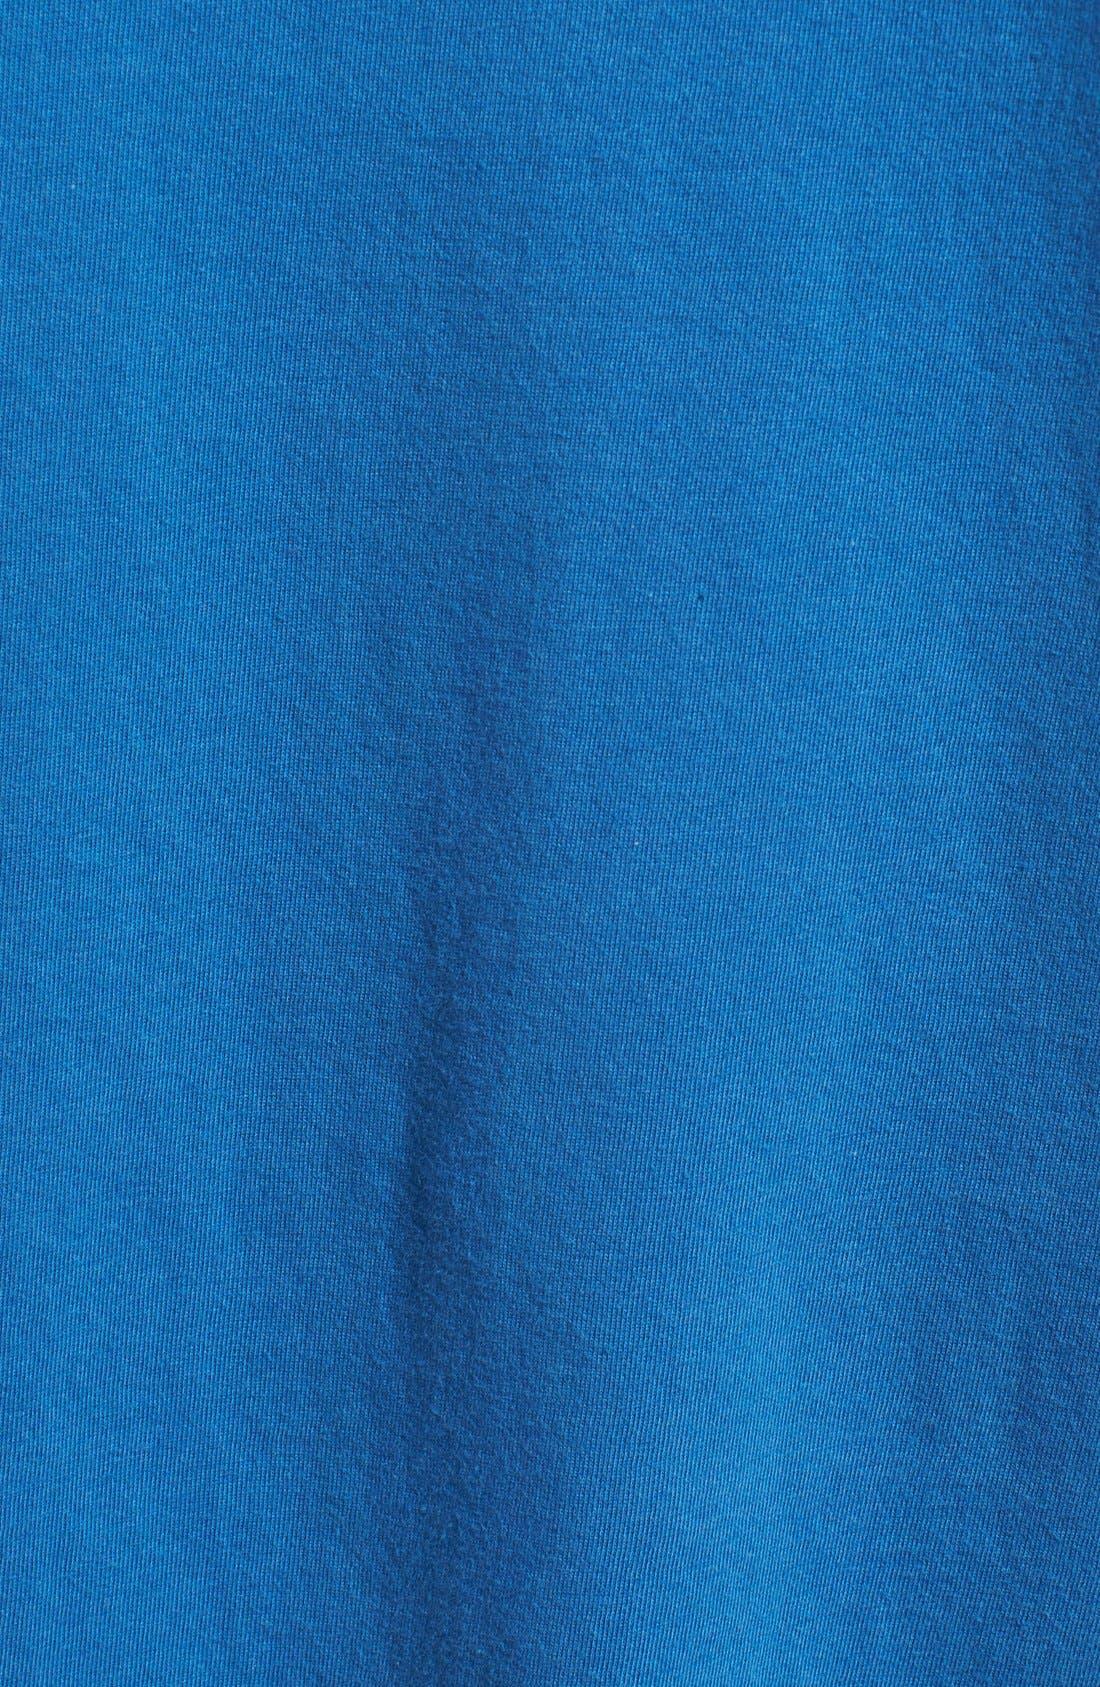 'Kansas City Royals - Remote Control' Trim Fit T-Shirt,                             Alternate thumbnail 5, color,                             450